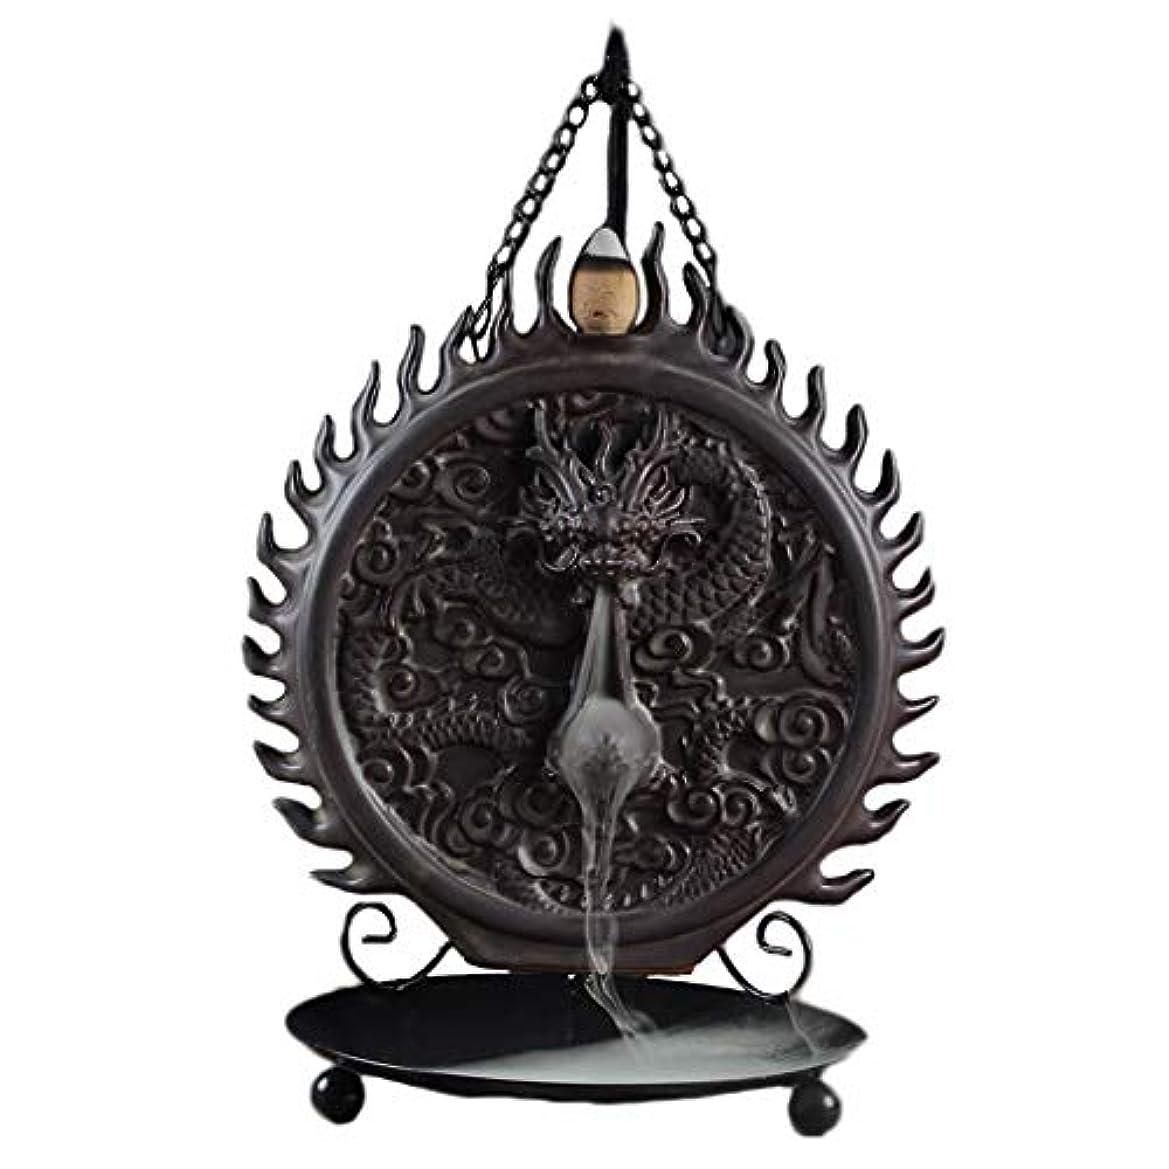 好戦的な奇妙なたとえセラミックハンギング香炉バックフロードラゴンディスクホーム炉装飾香ホルダーアロマセラピー香バーナーホルダー (Color : Black, サイズ : 6.29*9.44inches)